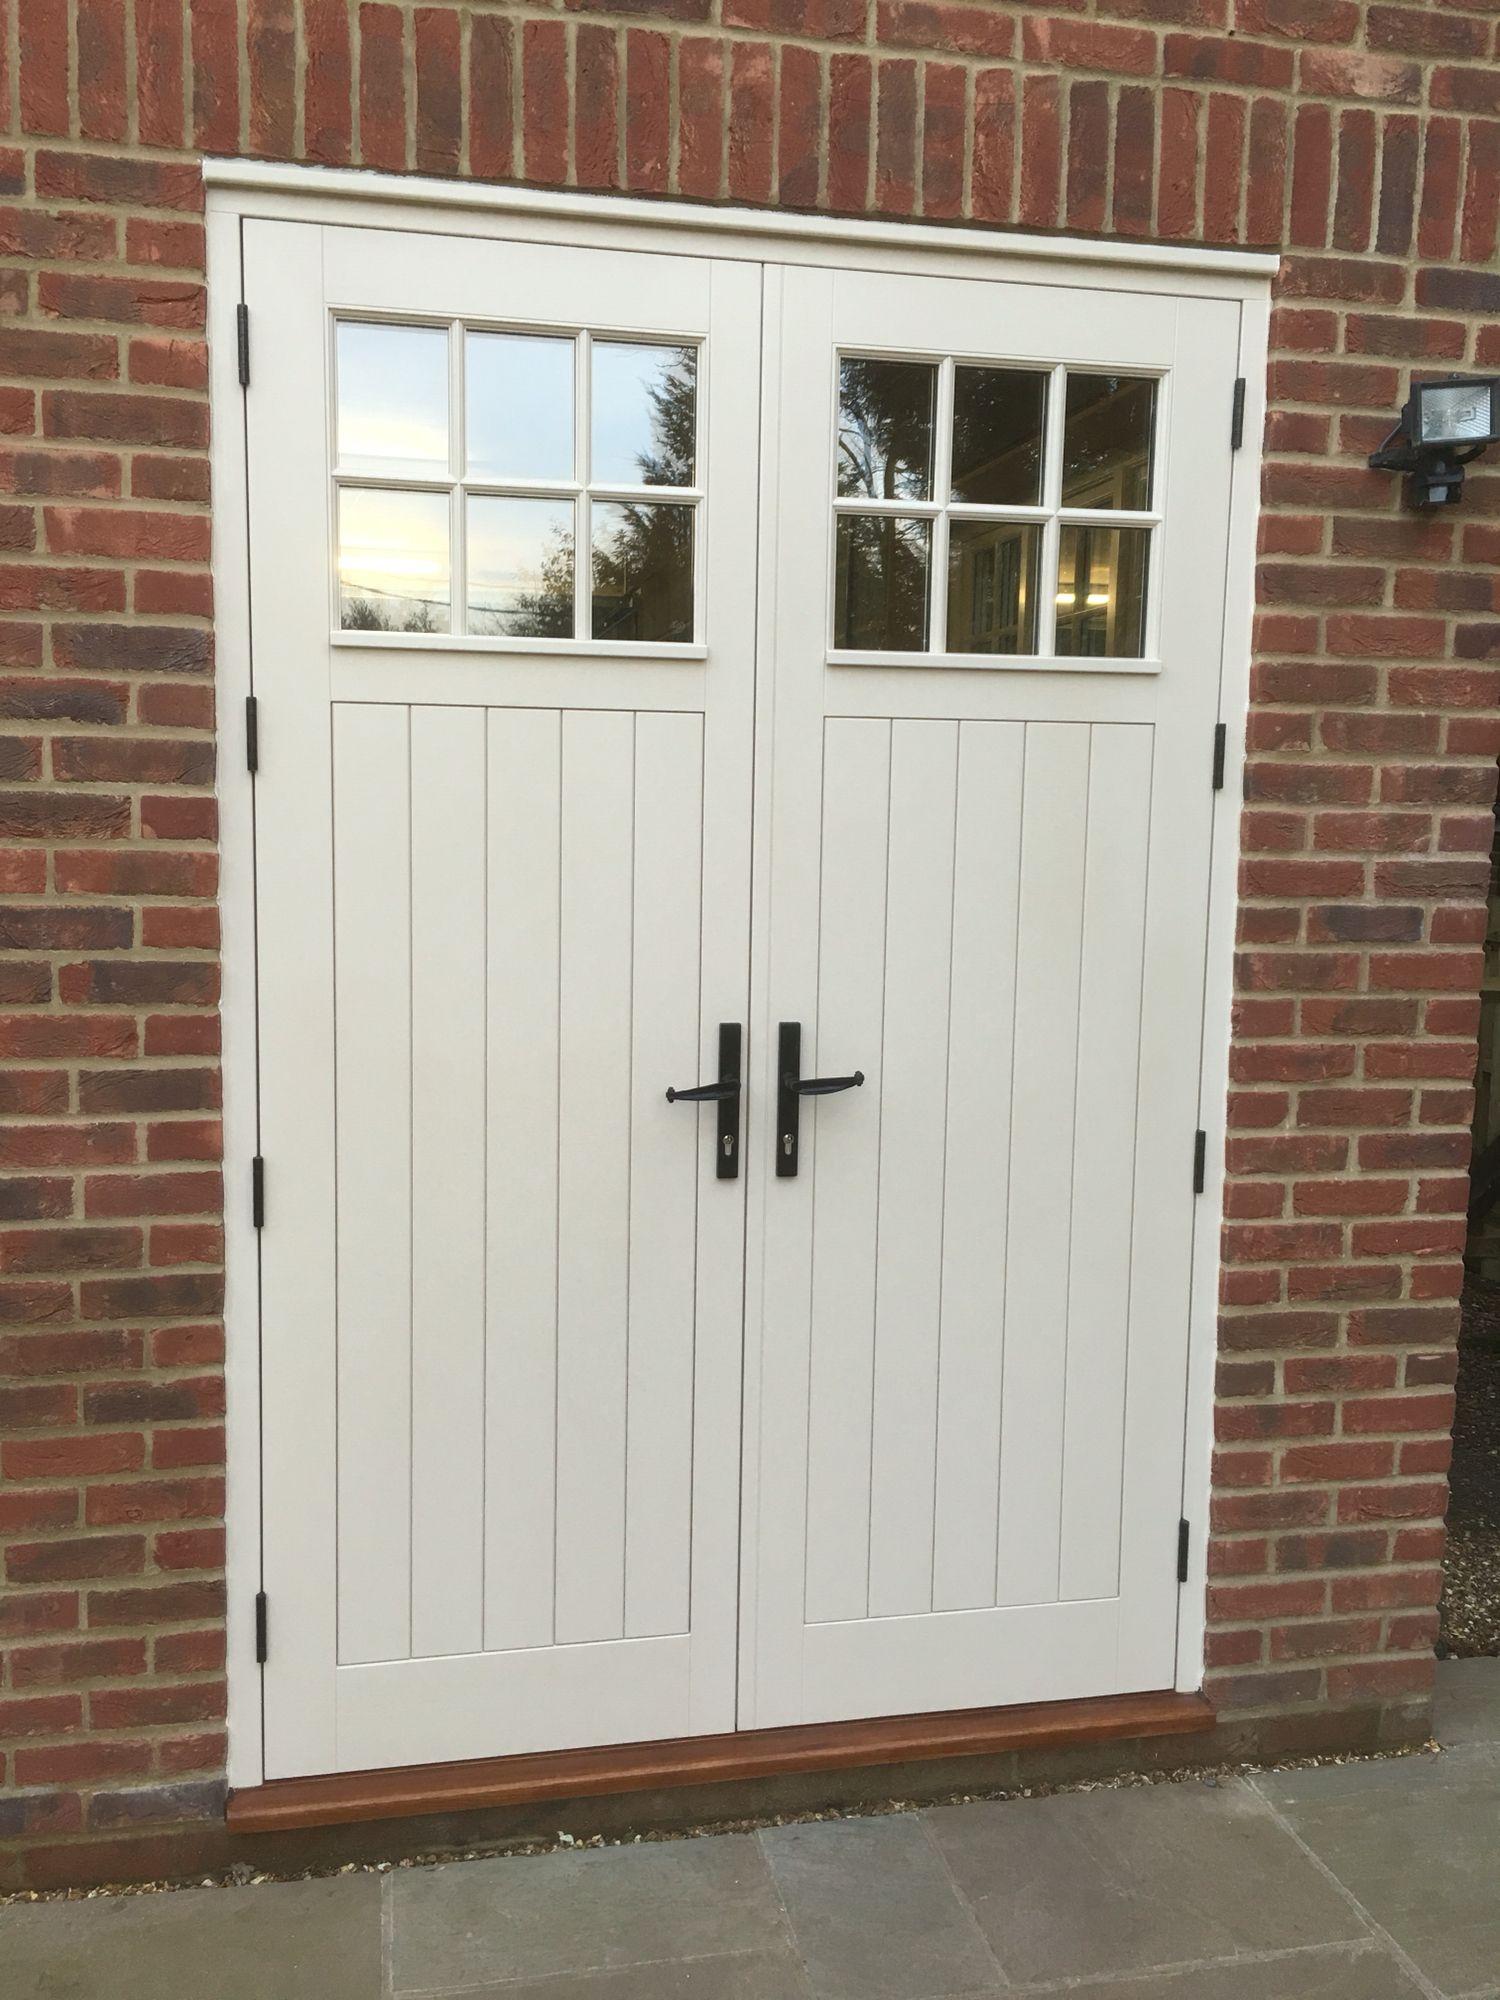 Buy Double Doors 8ft Tall Double Doors For Garage Rear Exit Stuff To Buy